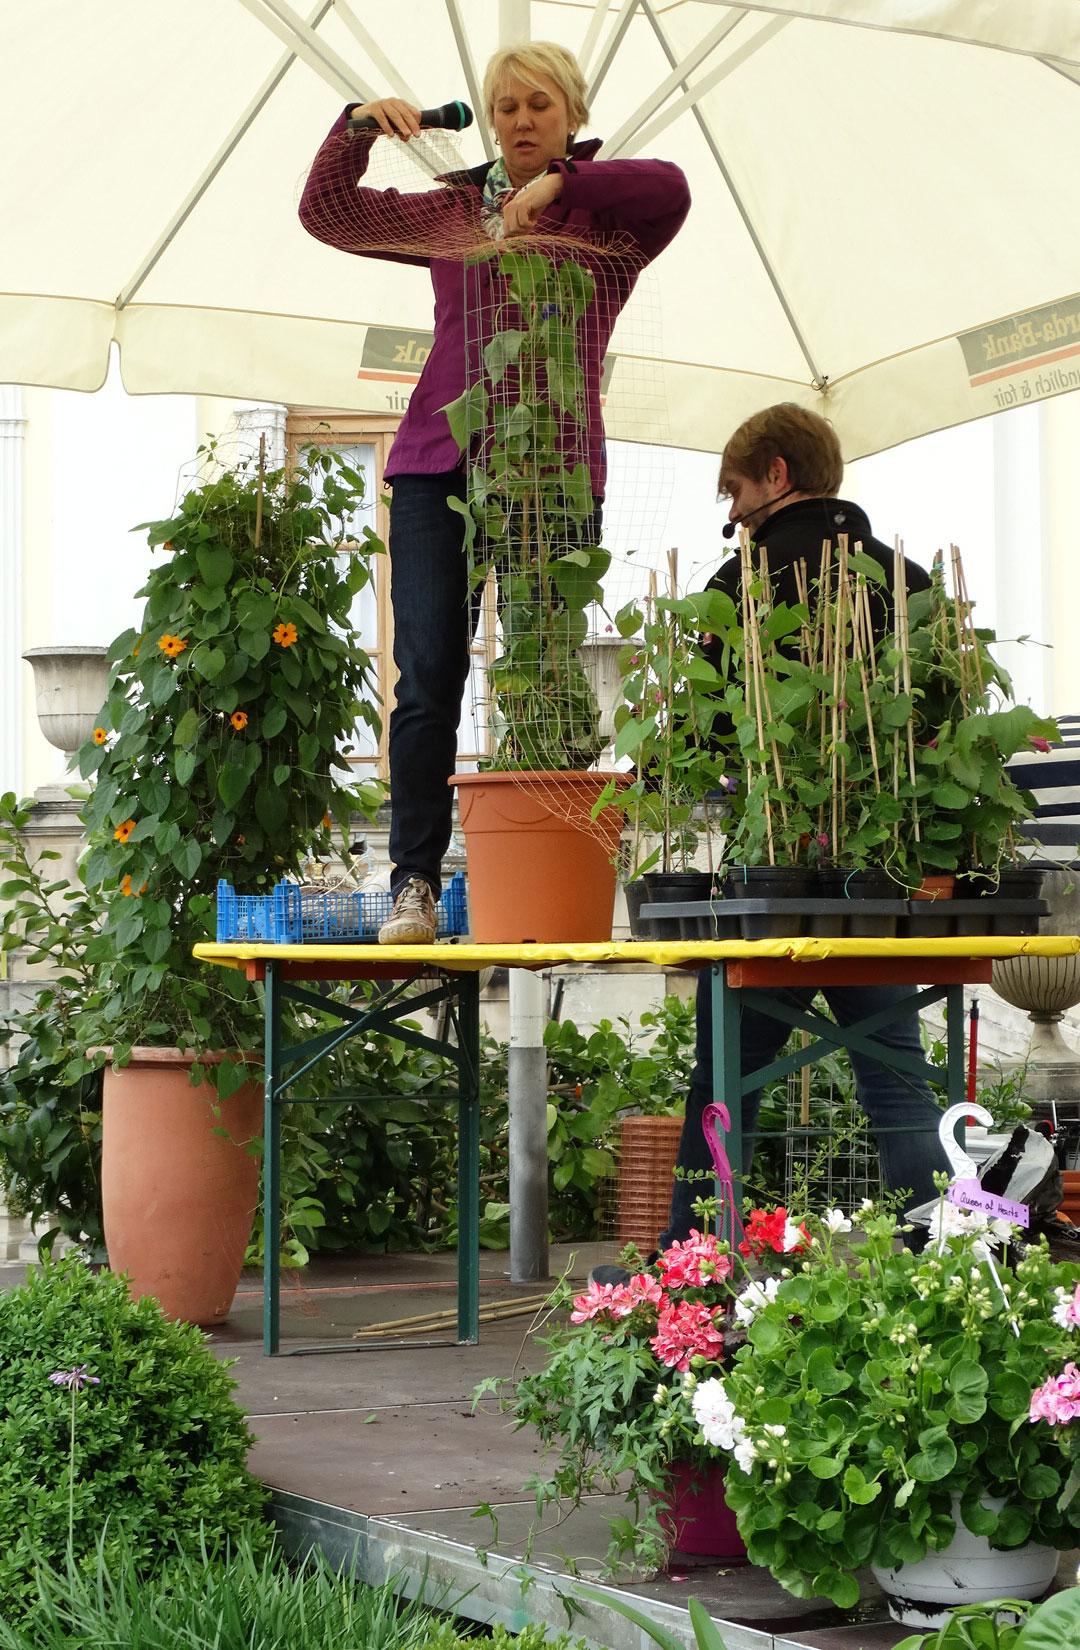 Andrea Mueller Voller Einsatz bei der Moderation der ´Barocken Gartentage´ im Blühenden Barock Ludwigsburg im Mai 2014